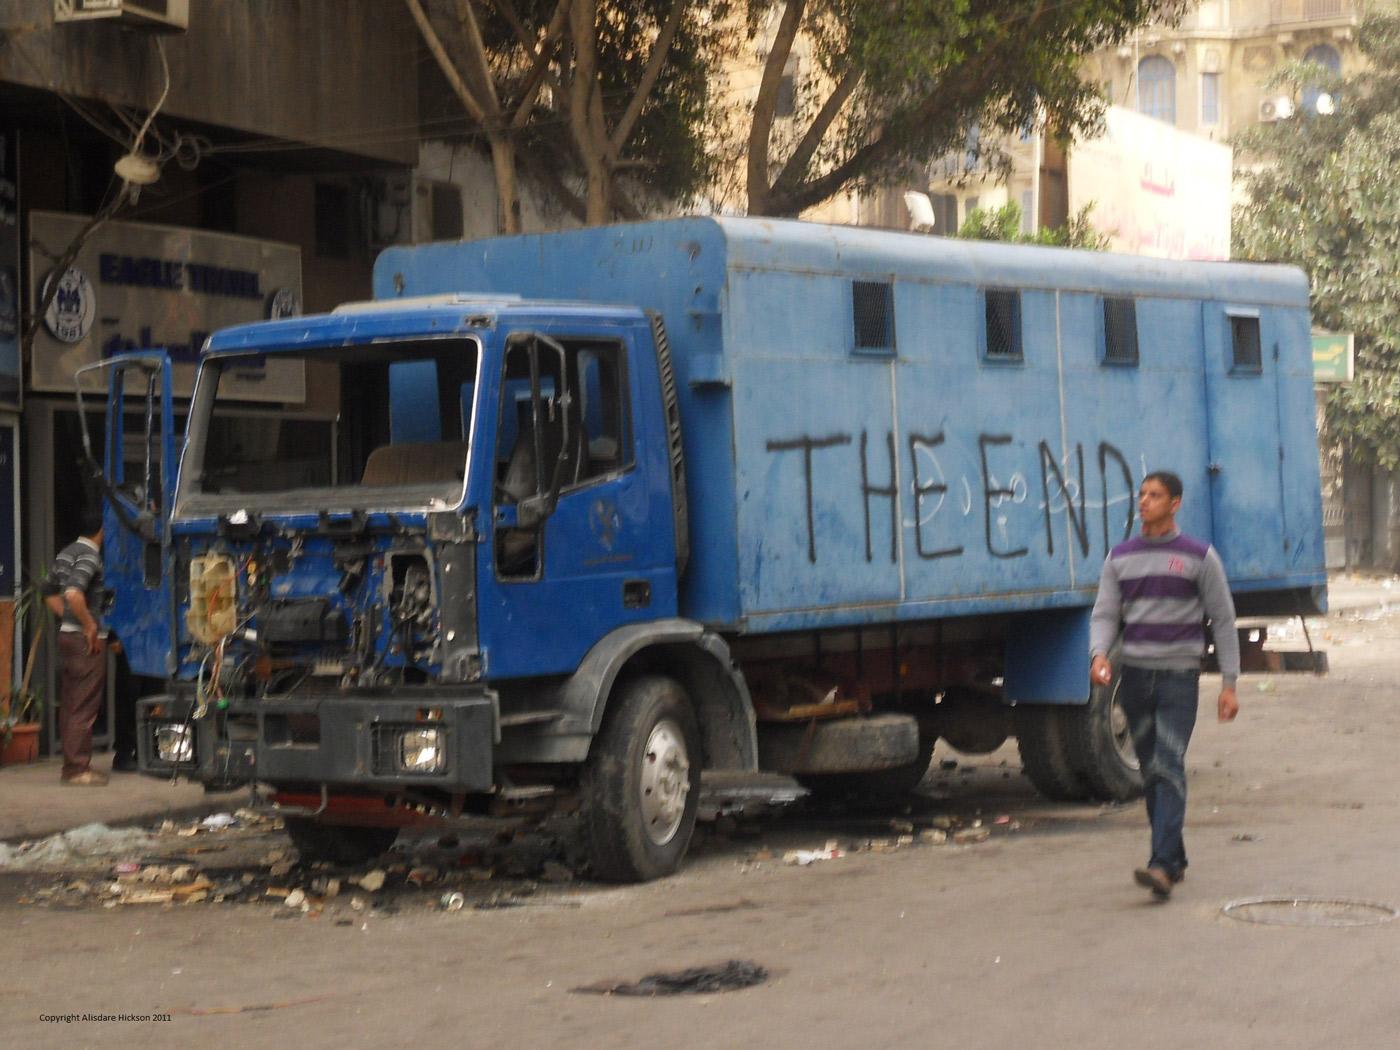 Тюремный фургон горящий во время беспорядков «Злой пятницы» 28 января 2011 во время египетской революции.